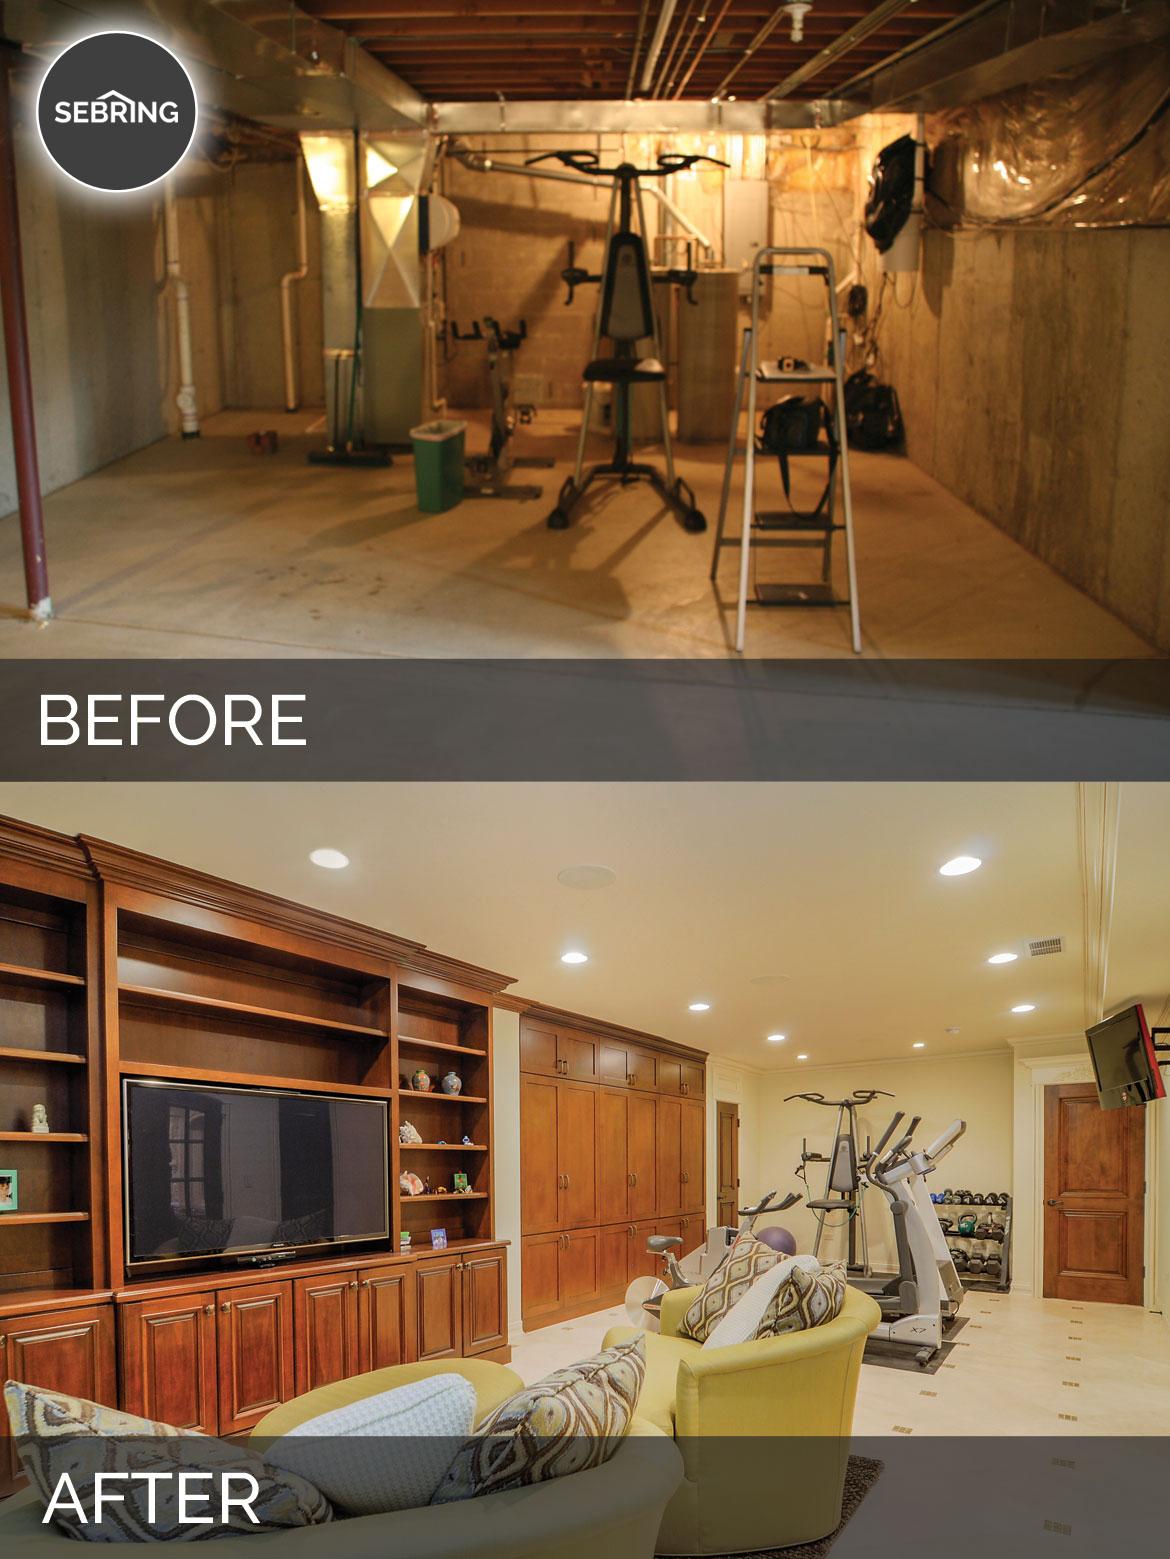 steve ann 39 s basement before after pictures home remodeling contractors sebring design build. Black Bedroom Furniture Sets. Home Design Ideas